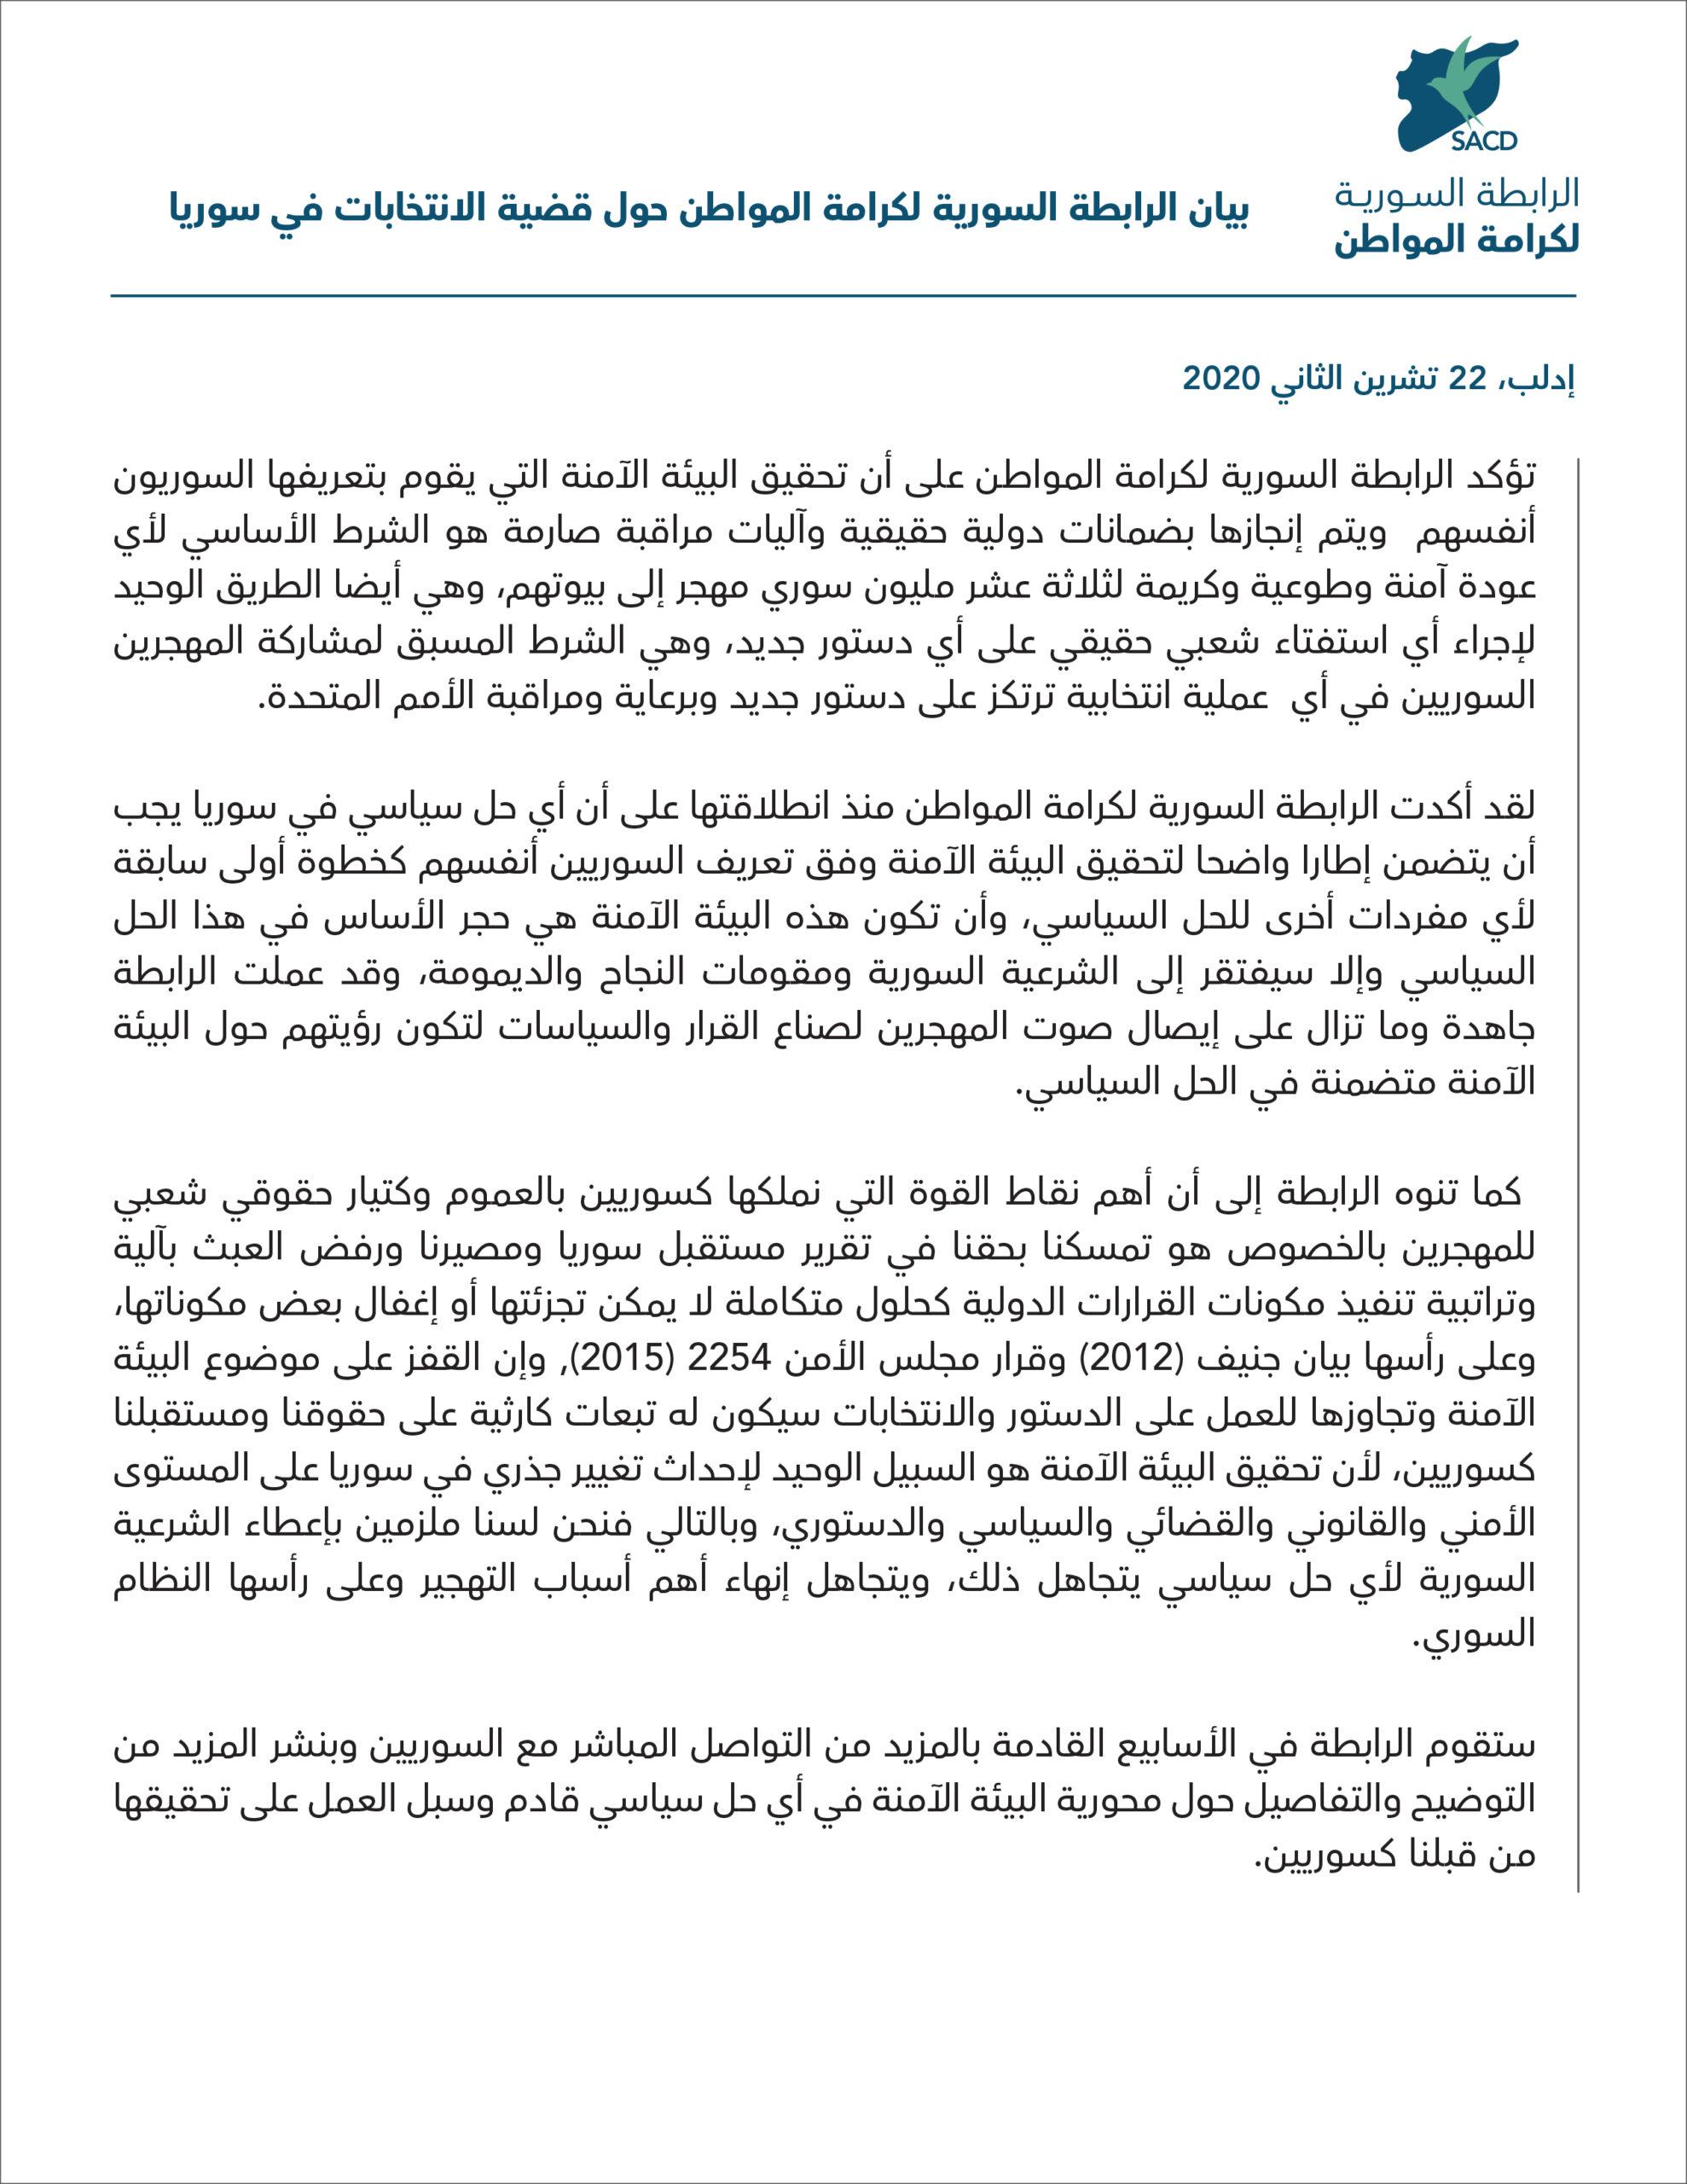 بيان الرابطة السورية لكرامة المواطن حول قضية الانتخابات في سوريا